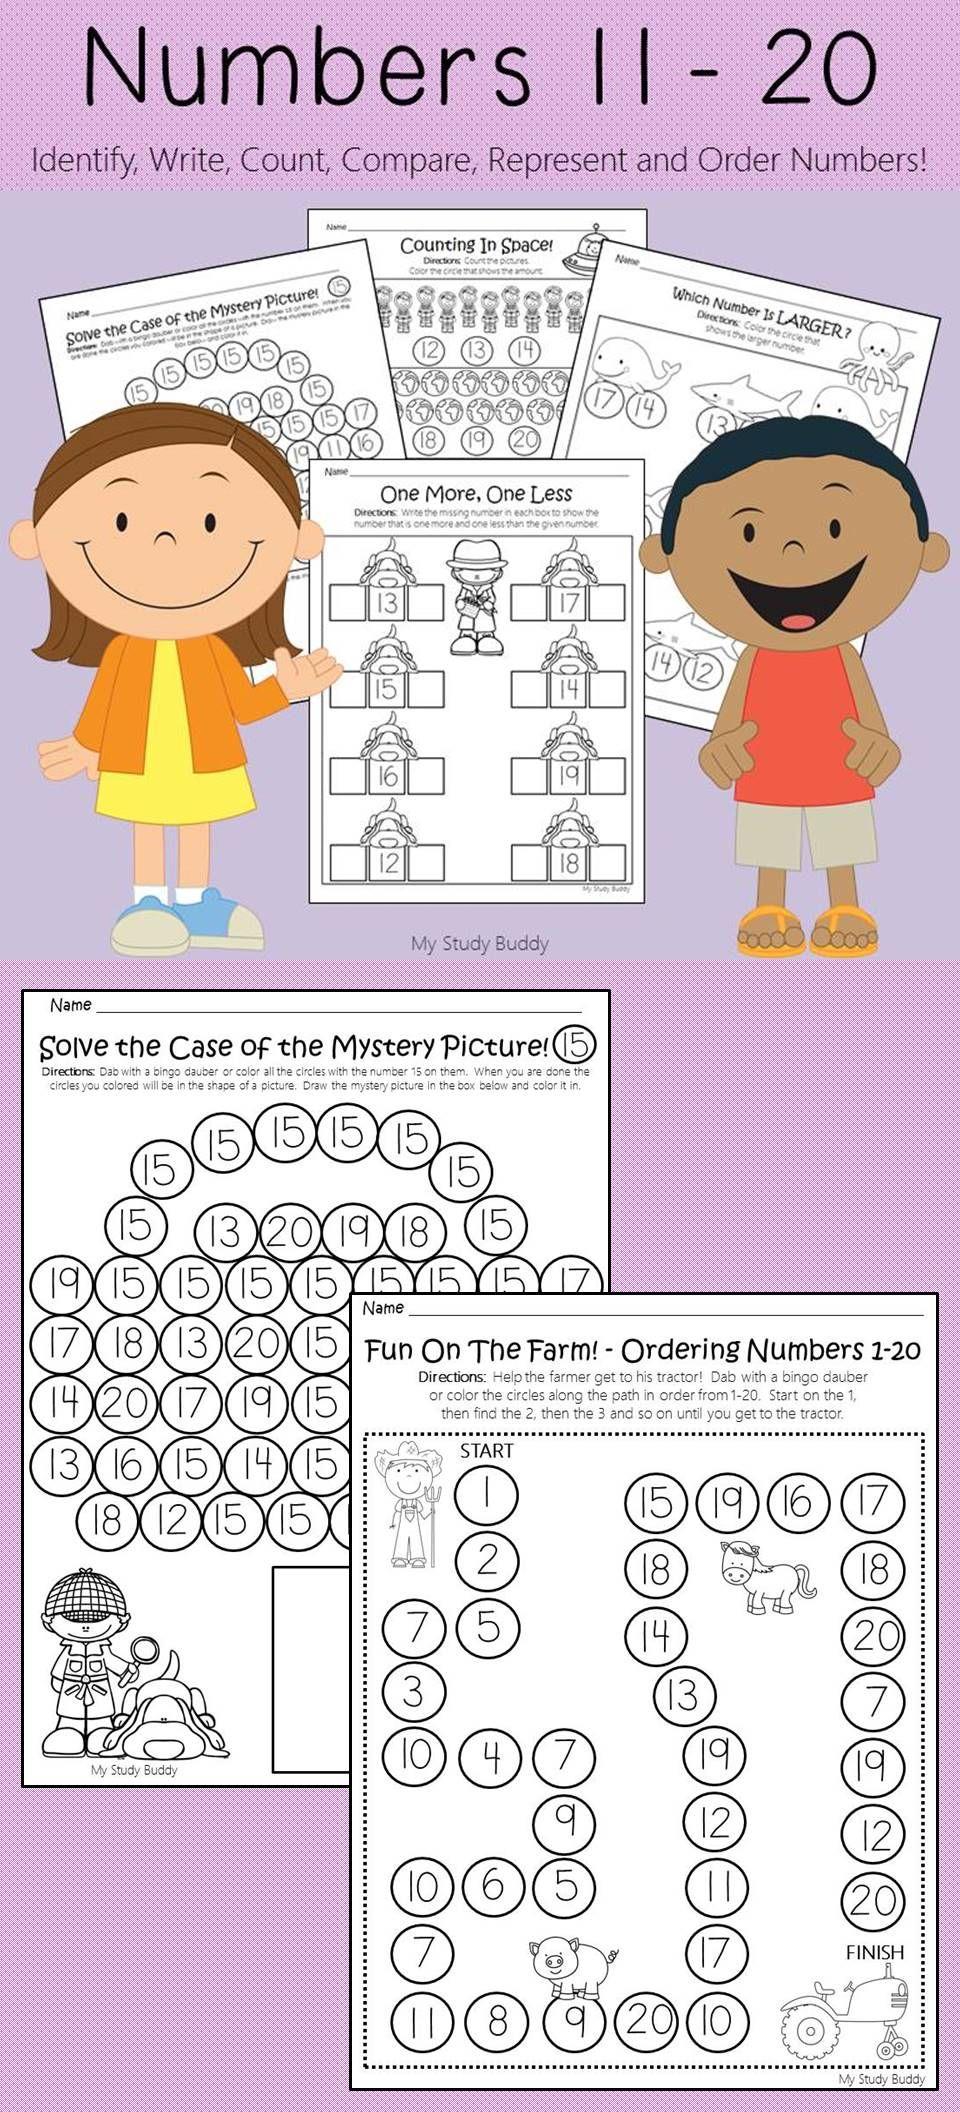 Numbers 11 20 Kindergarten Math Kindergarten Math Math Kindergarten Math Worksheets [ 2112 x 960 Pixel ]